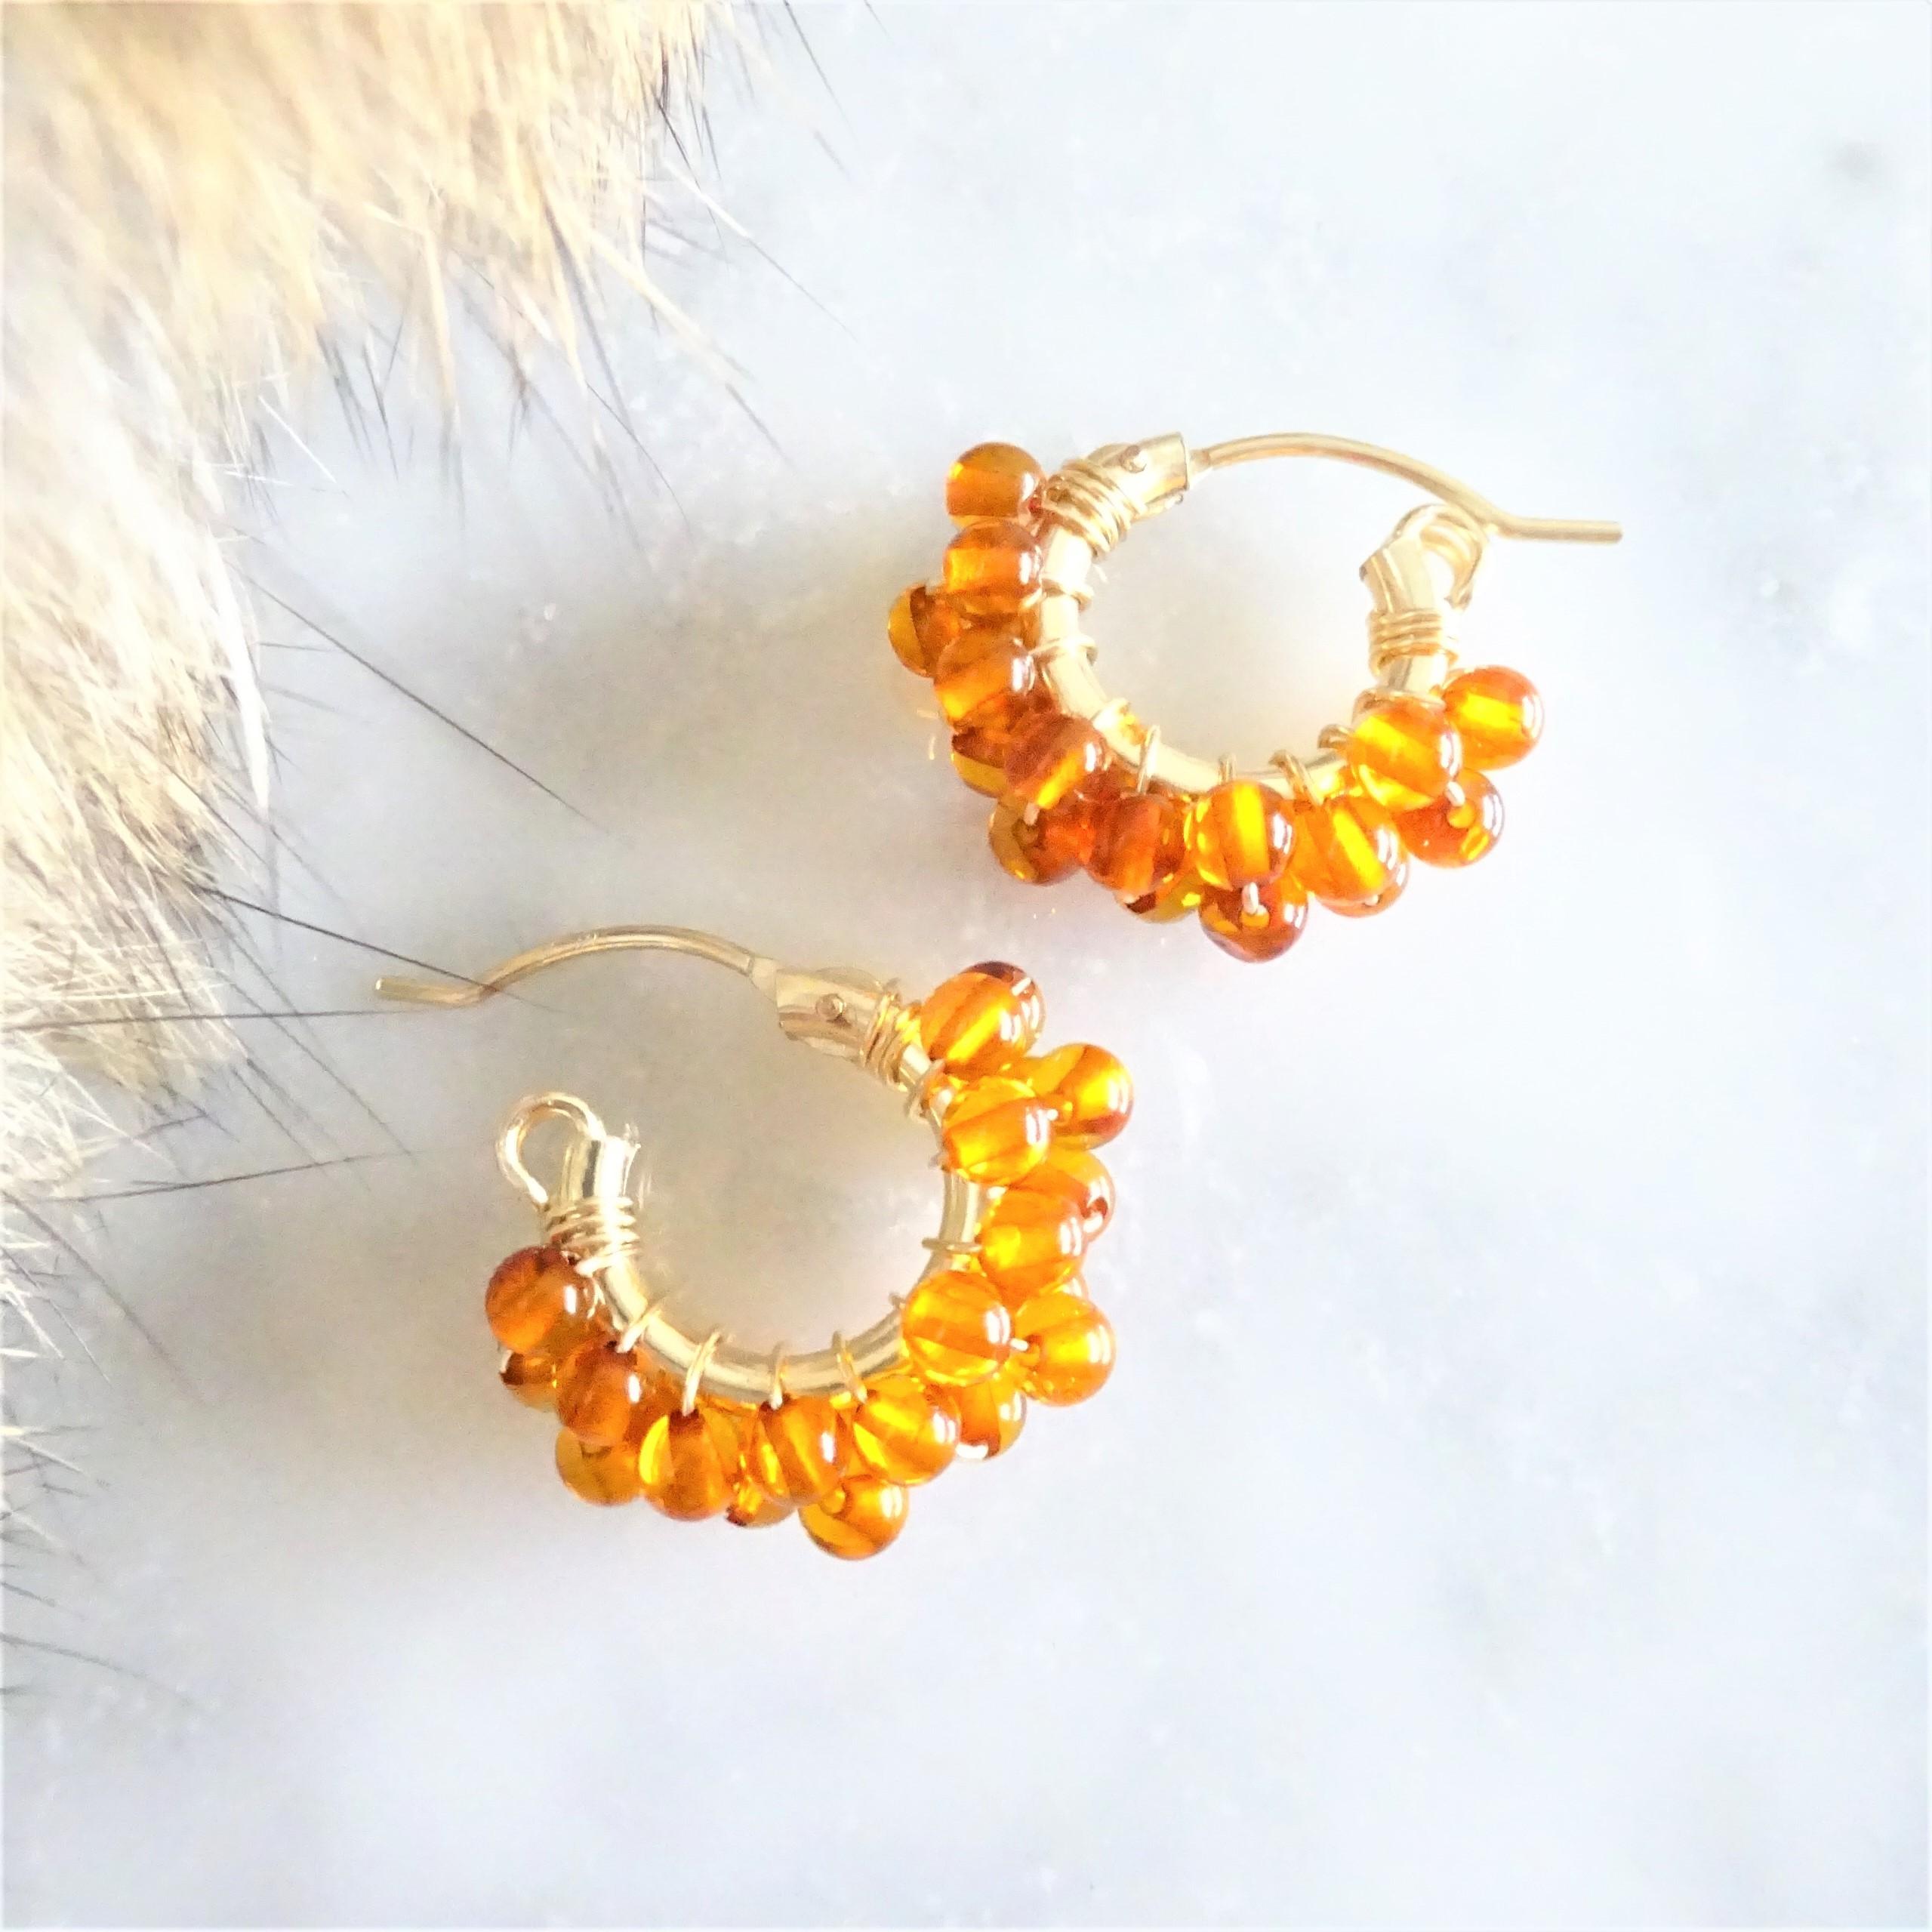 送料無料14kgf*天然琥珀Baltic Amber pavé earring / pierced earring